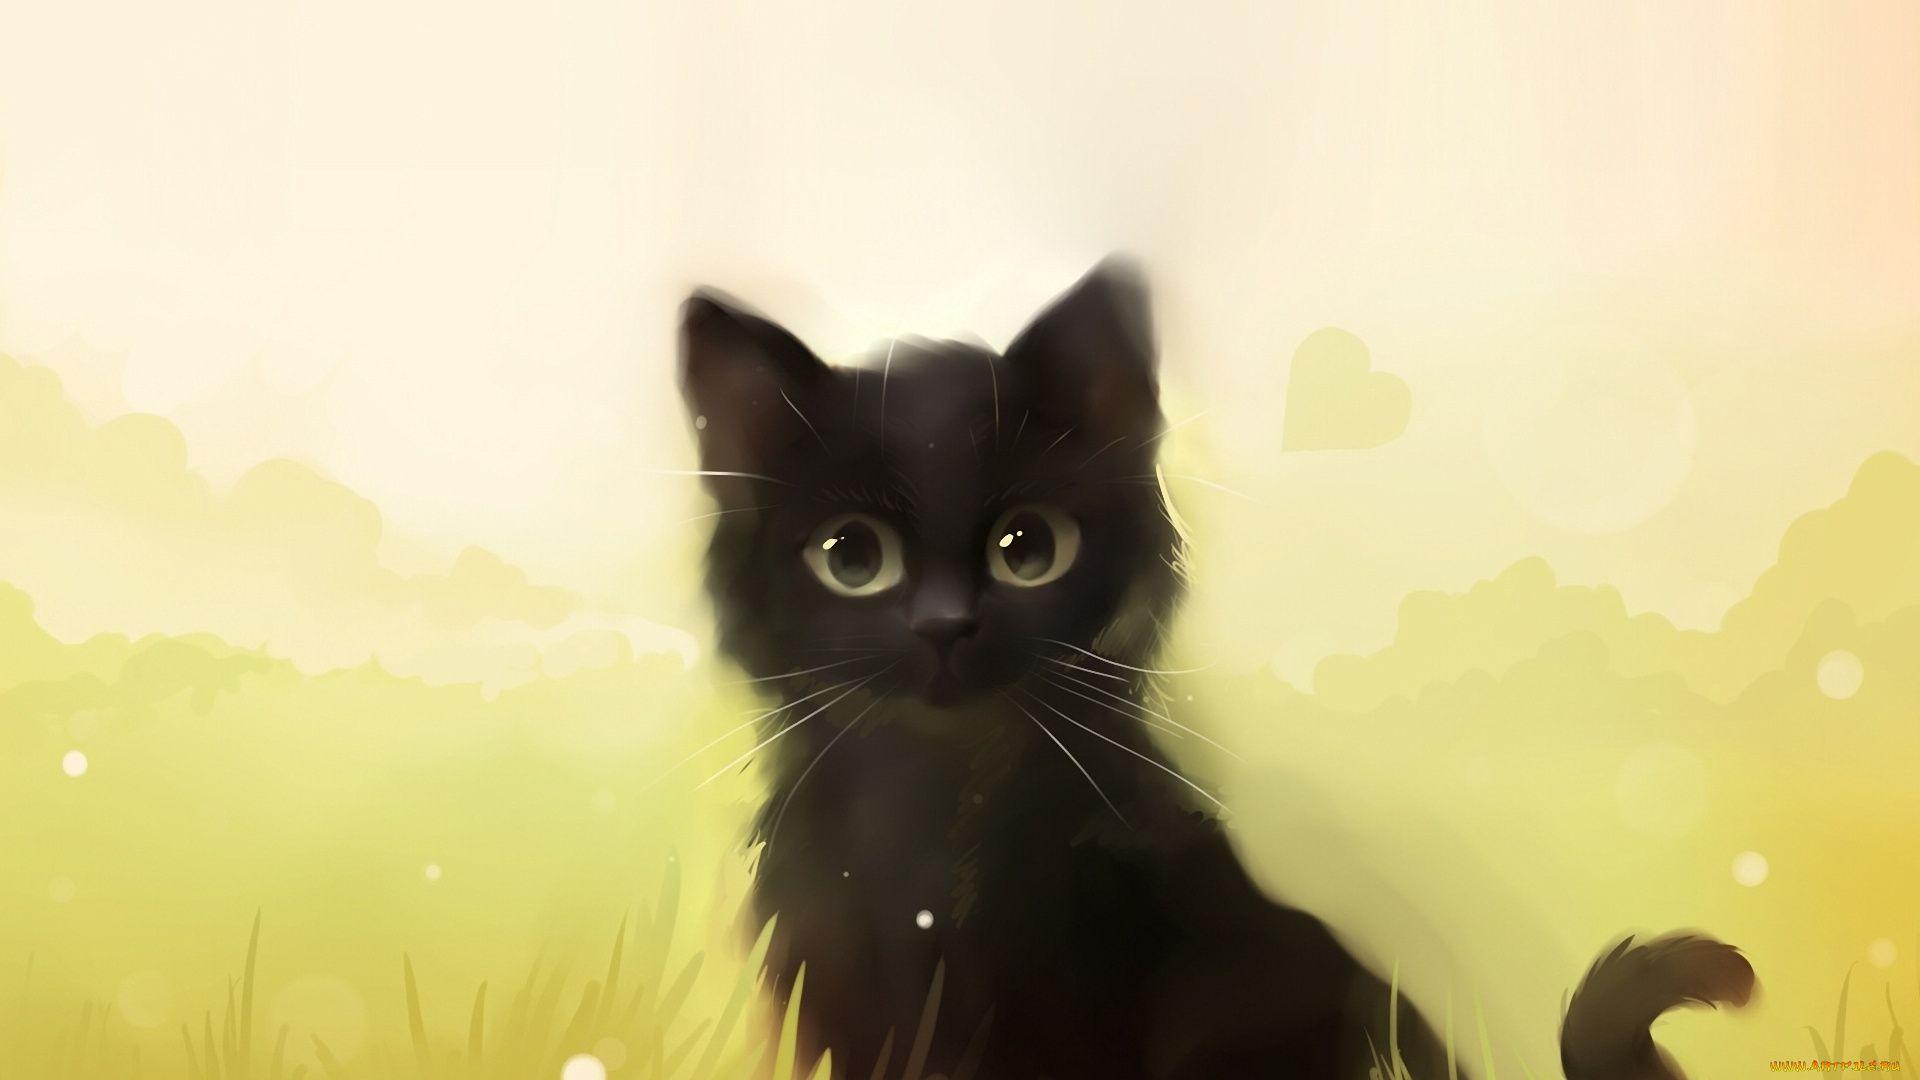 Drawing, Animals, Cats, Cat, Cat